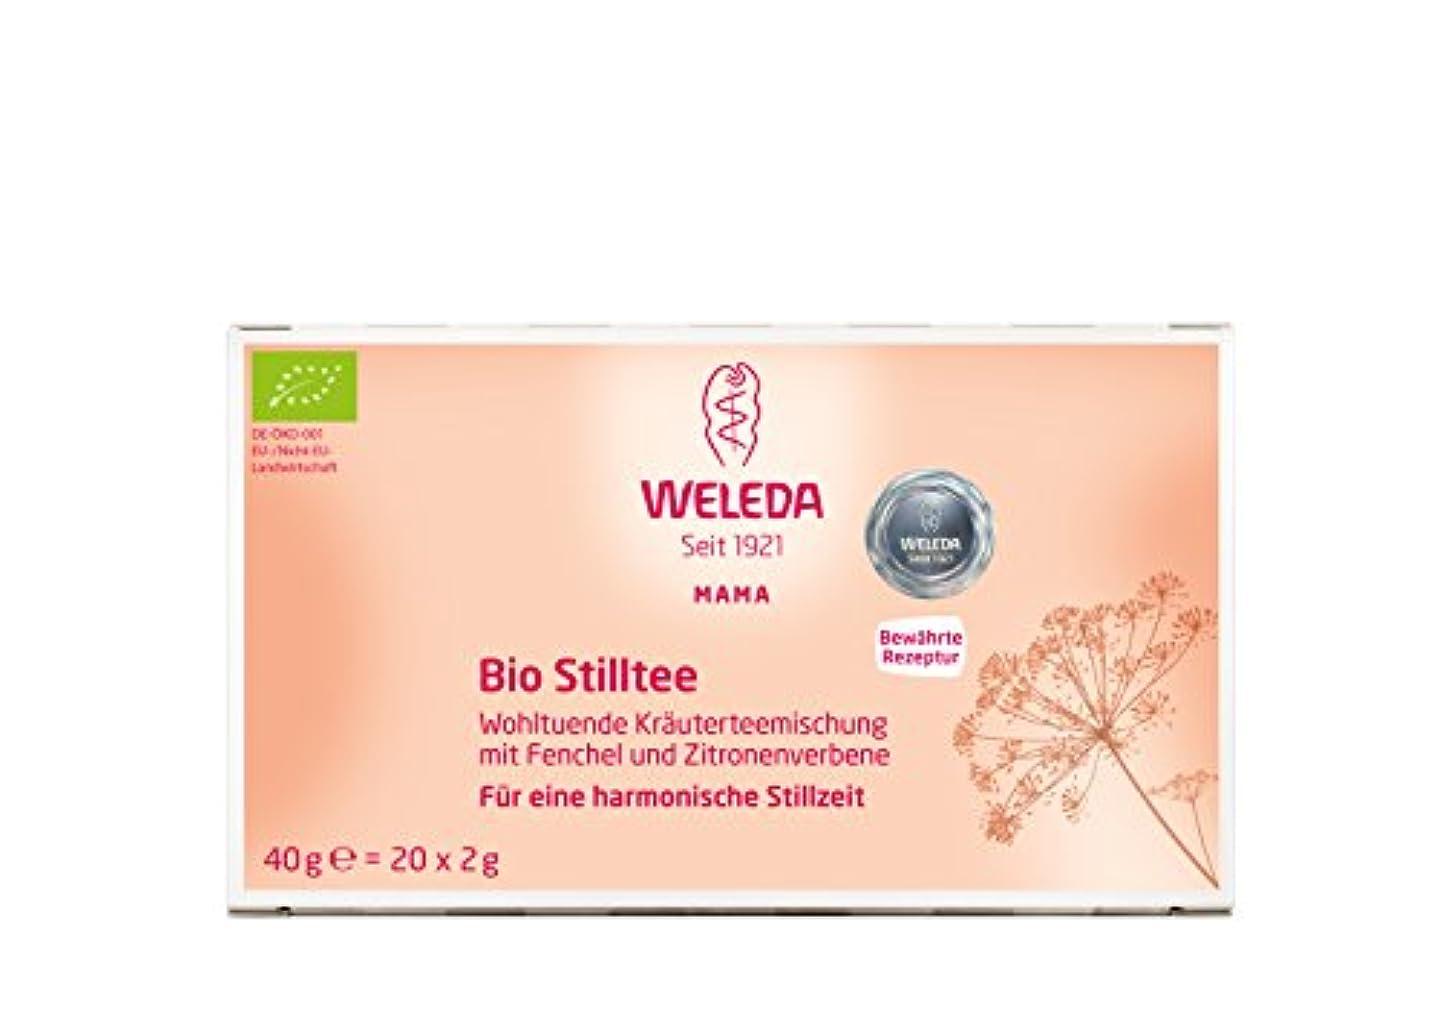 動脈施設陰気WELEDA(ヴェレダ) マザーズティー 40g (2g×20包) 【ハーブティー?授乳期のママに?水分補給やリラックスしたいときに】